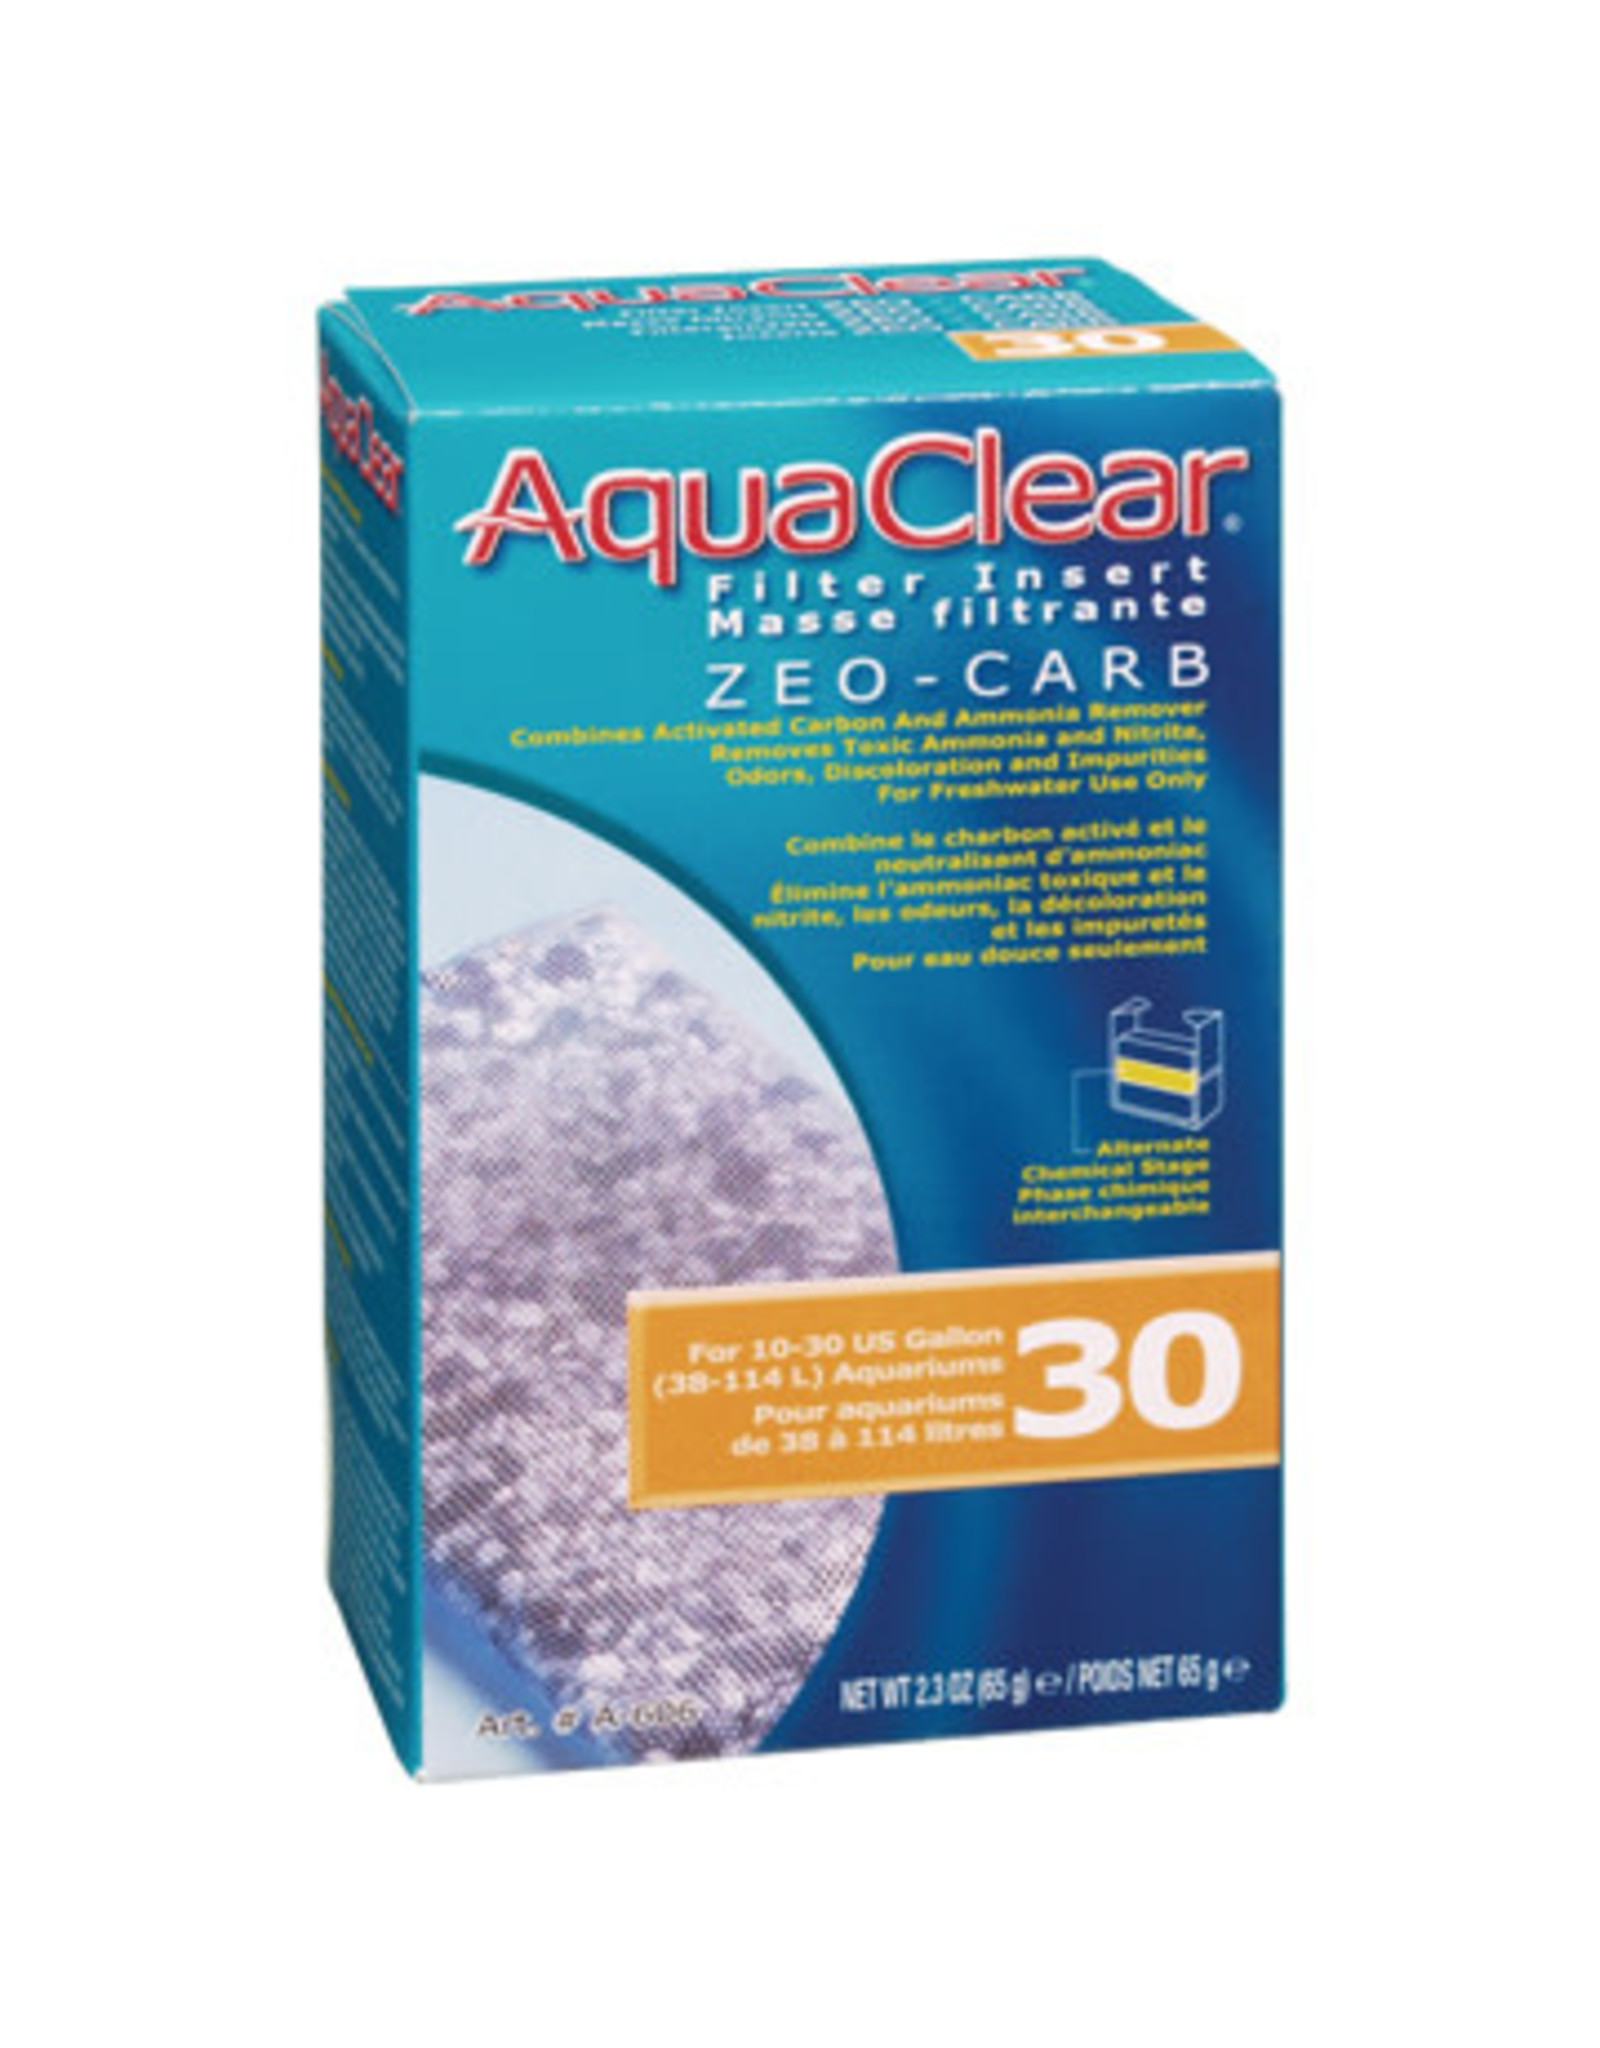 AquaClear AquaClear 30 Zeo-Carb Filter Insert 65g